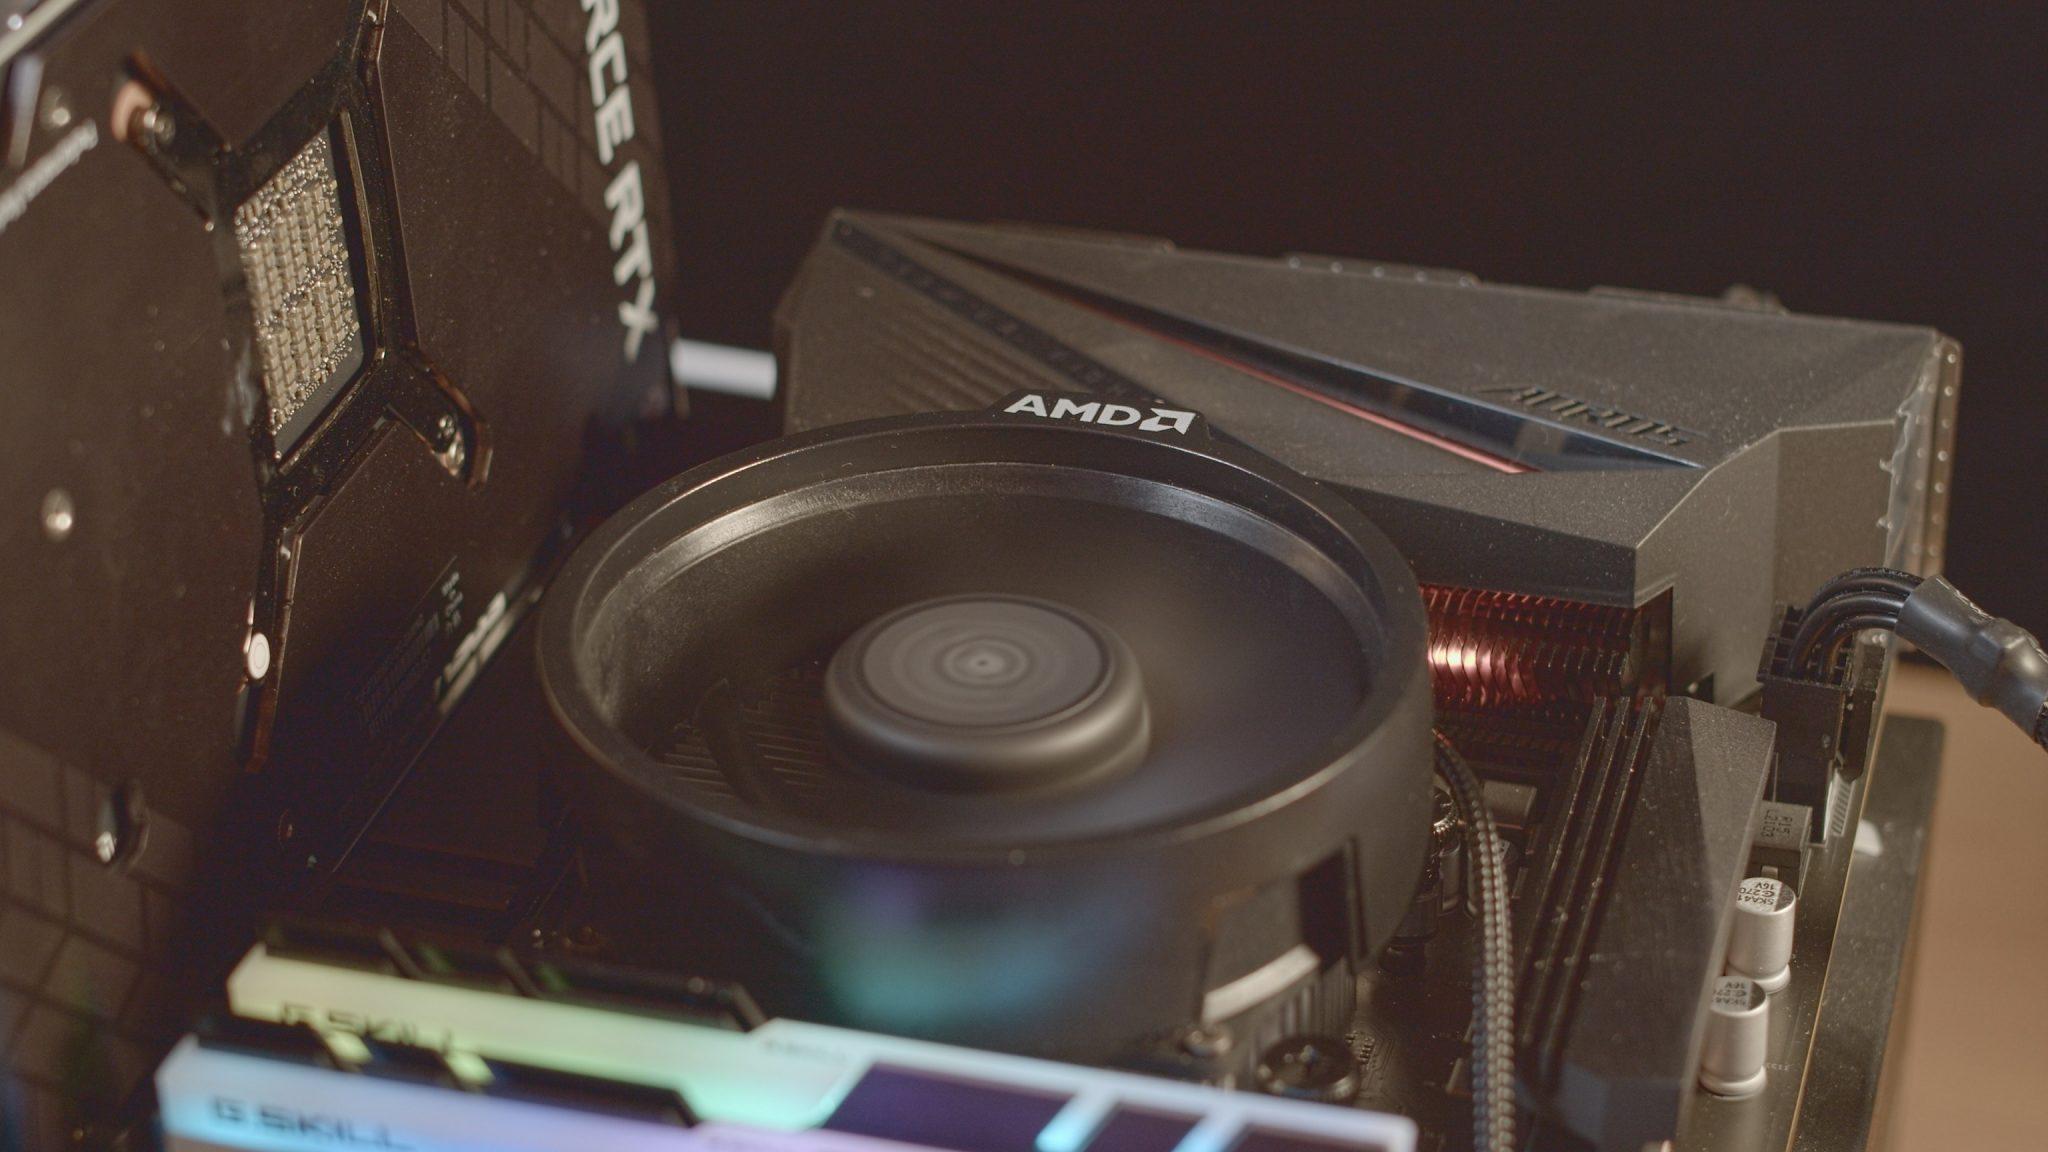 Alle getesteten CPU-Kühler bieten Vorteile zum OEM-Lüfter des Ryzen 5600X